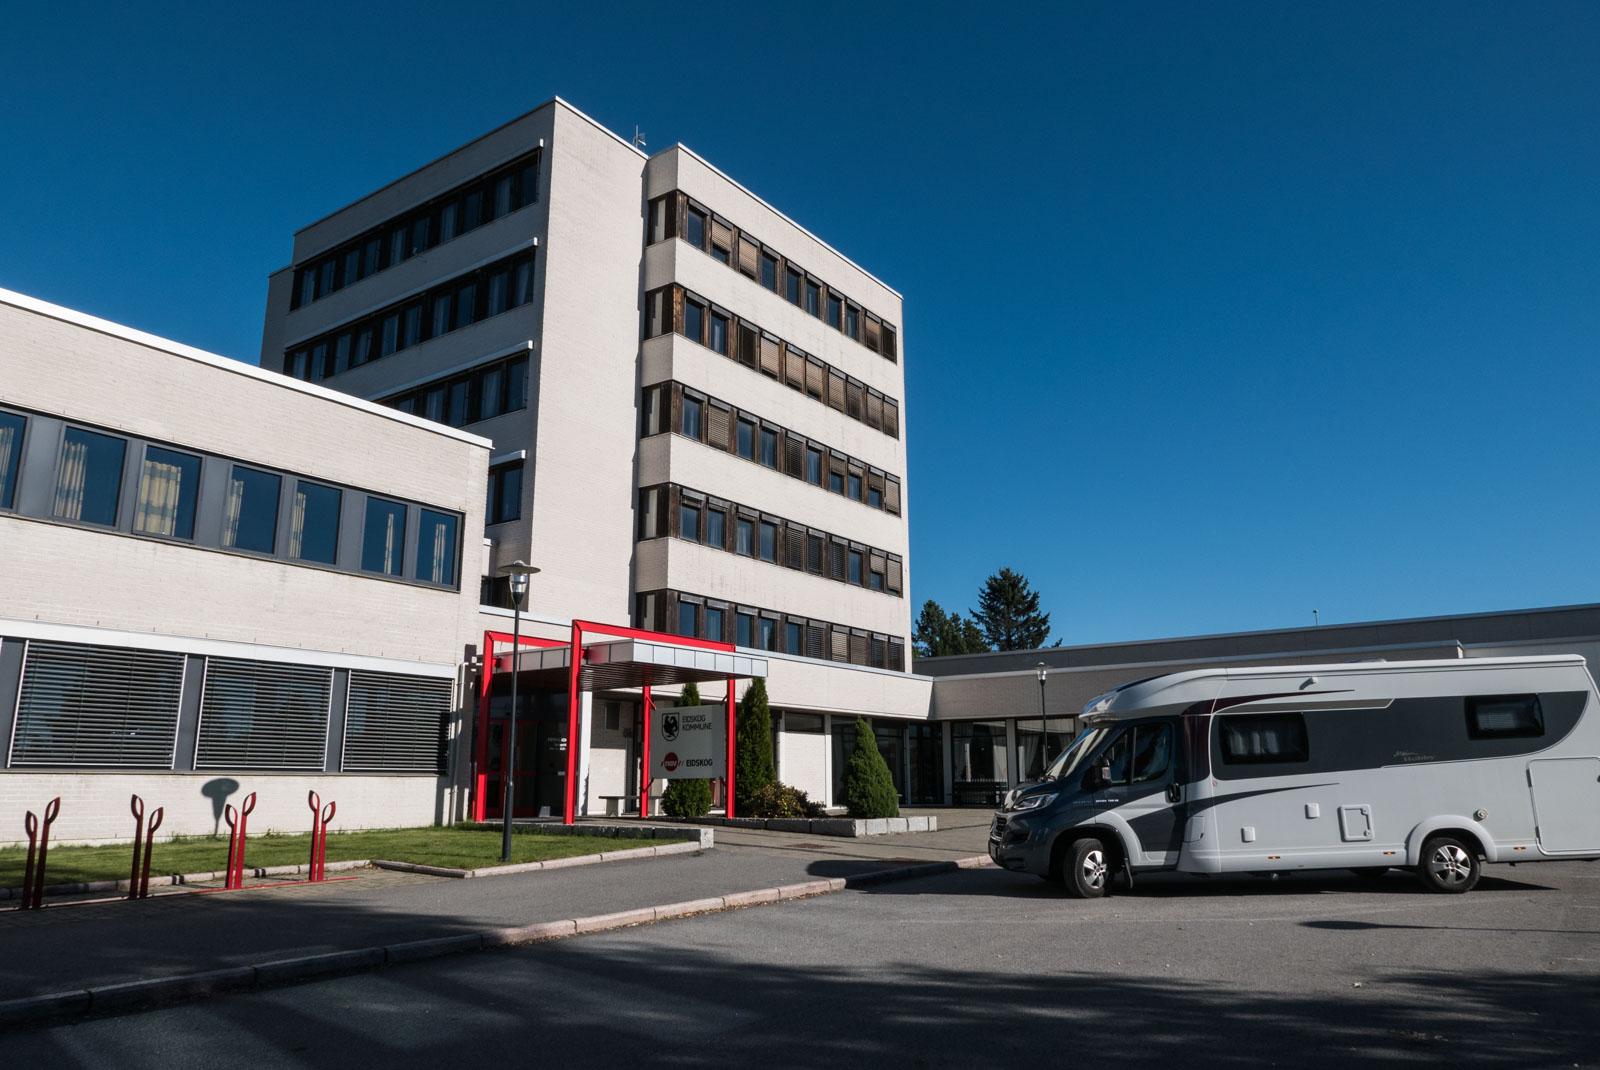 Eidskog 27. September 2015